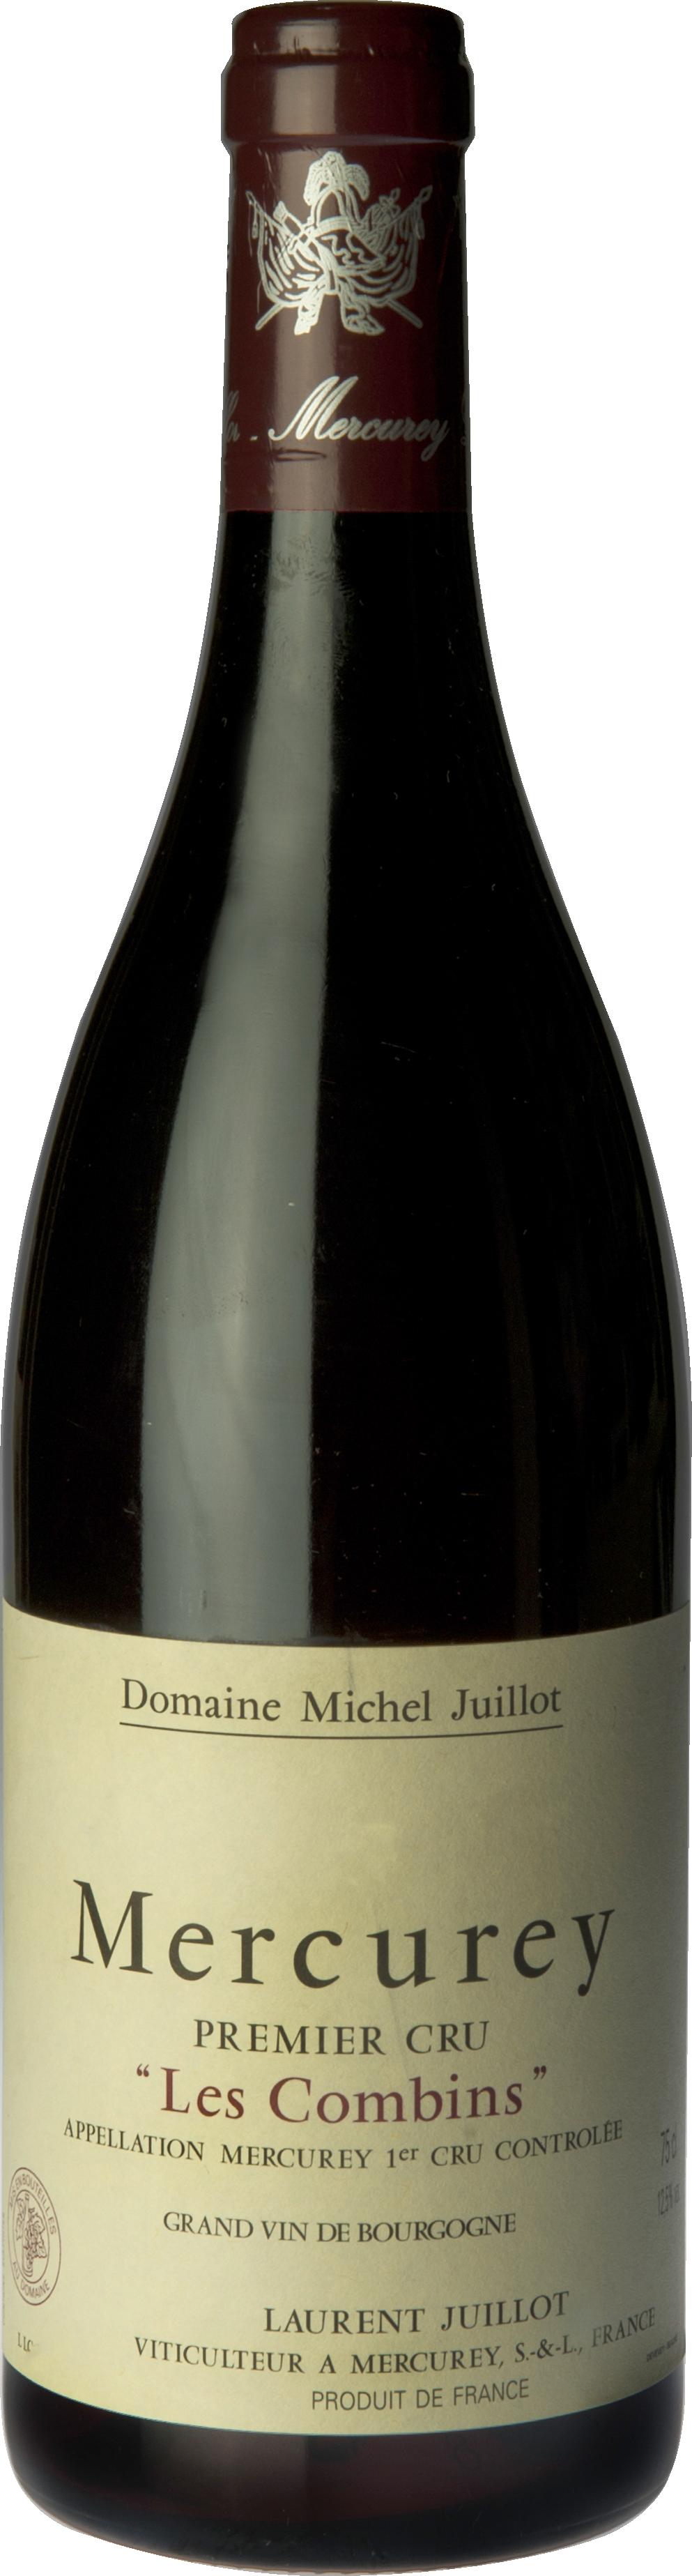 Domaine Michel Juillot bouteille de Mercurey Rouge Premier Cru Les Combins